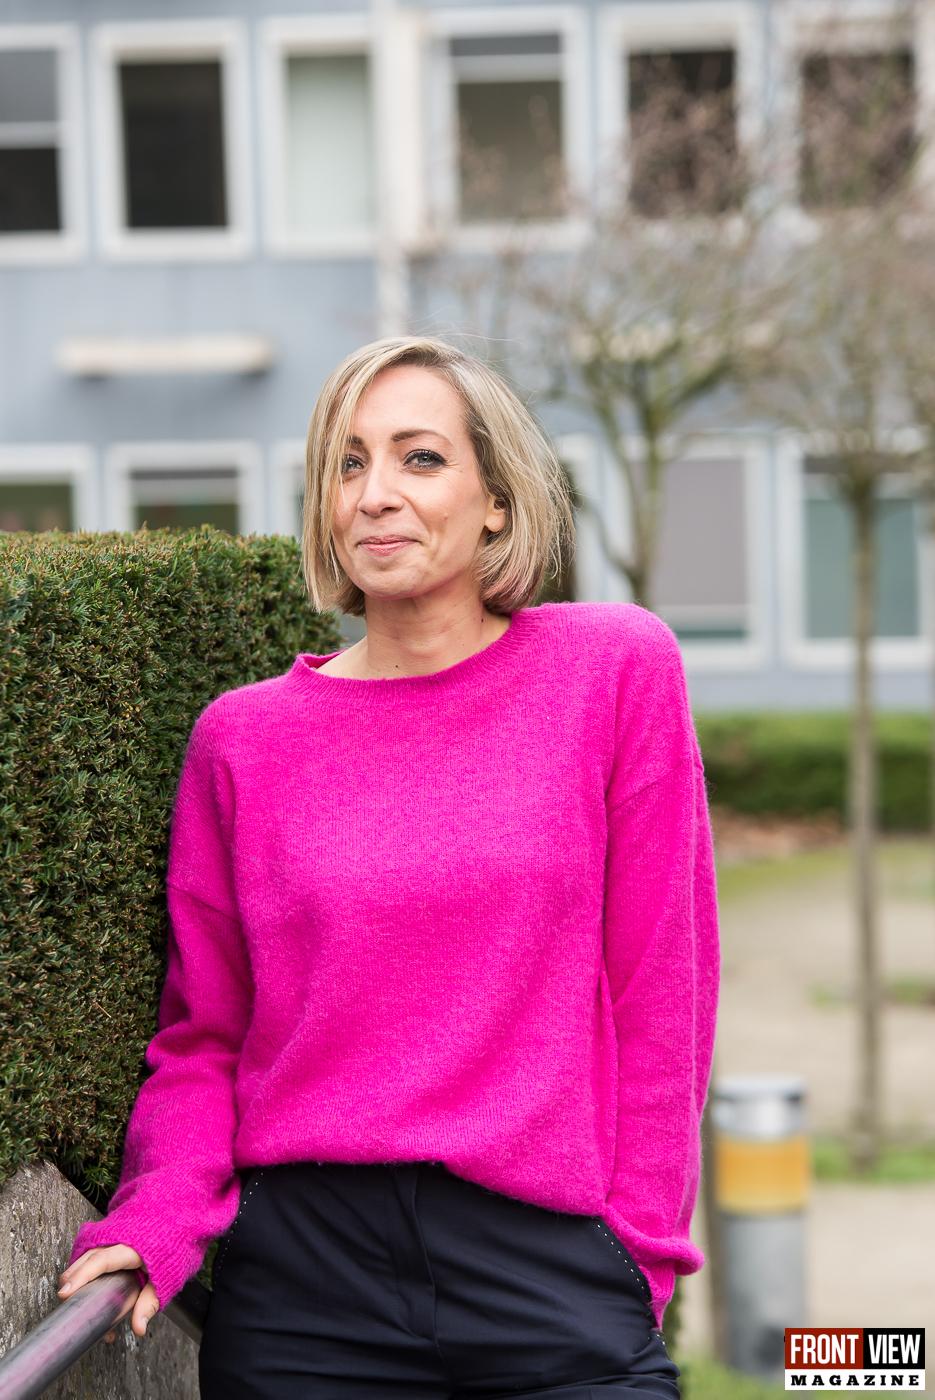 Sofie Lemaire 'Meer vrouwen op straat' - 1